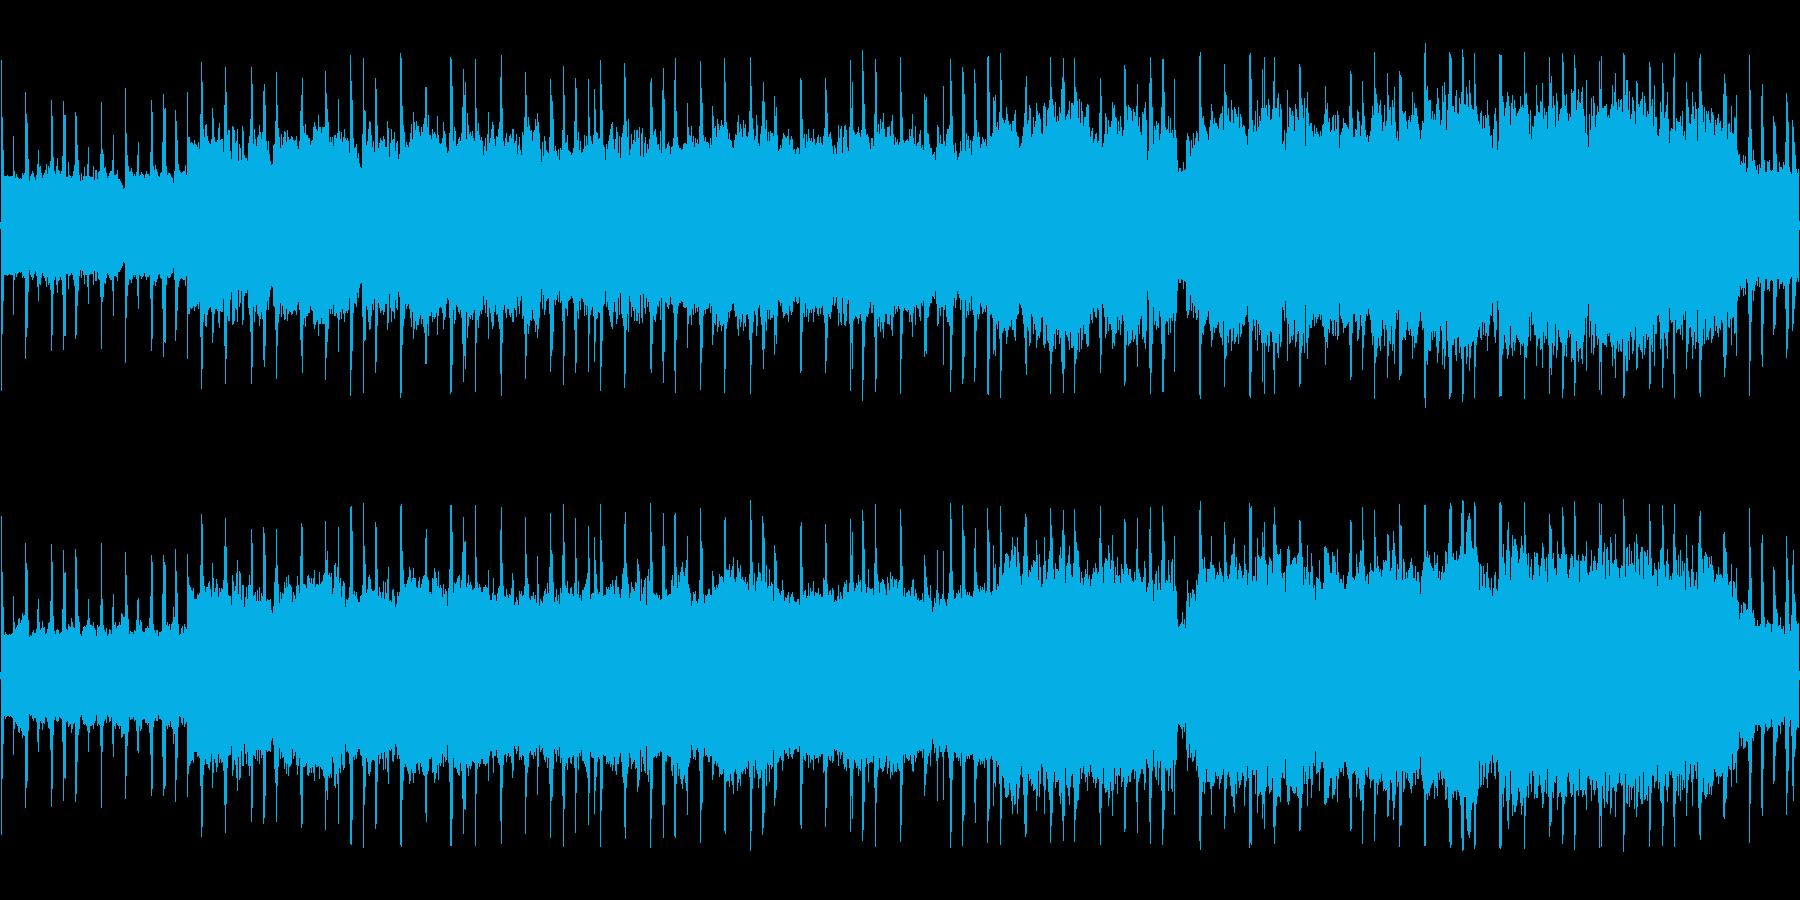 しっとり切ないチップチューンの再生済みの波形